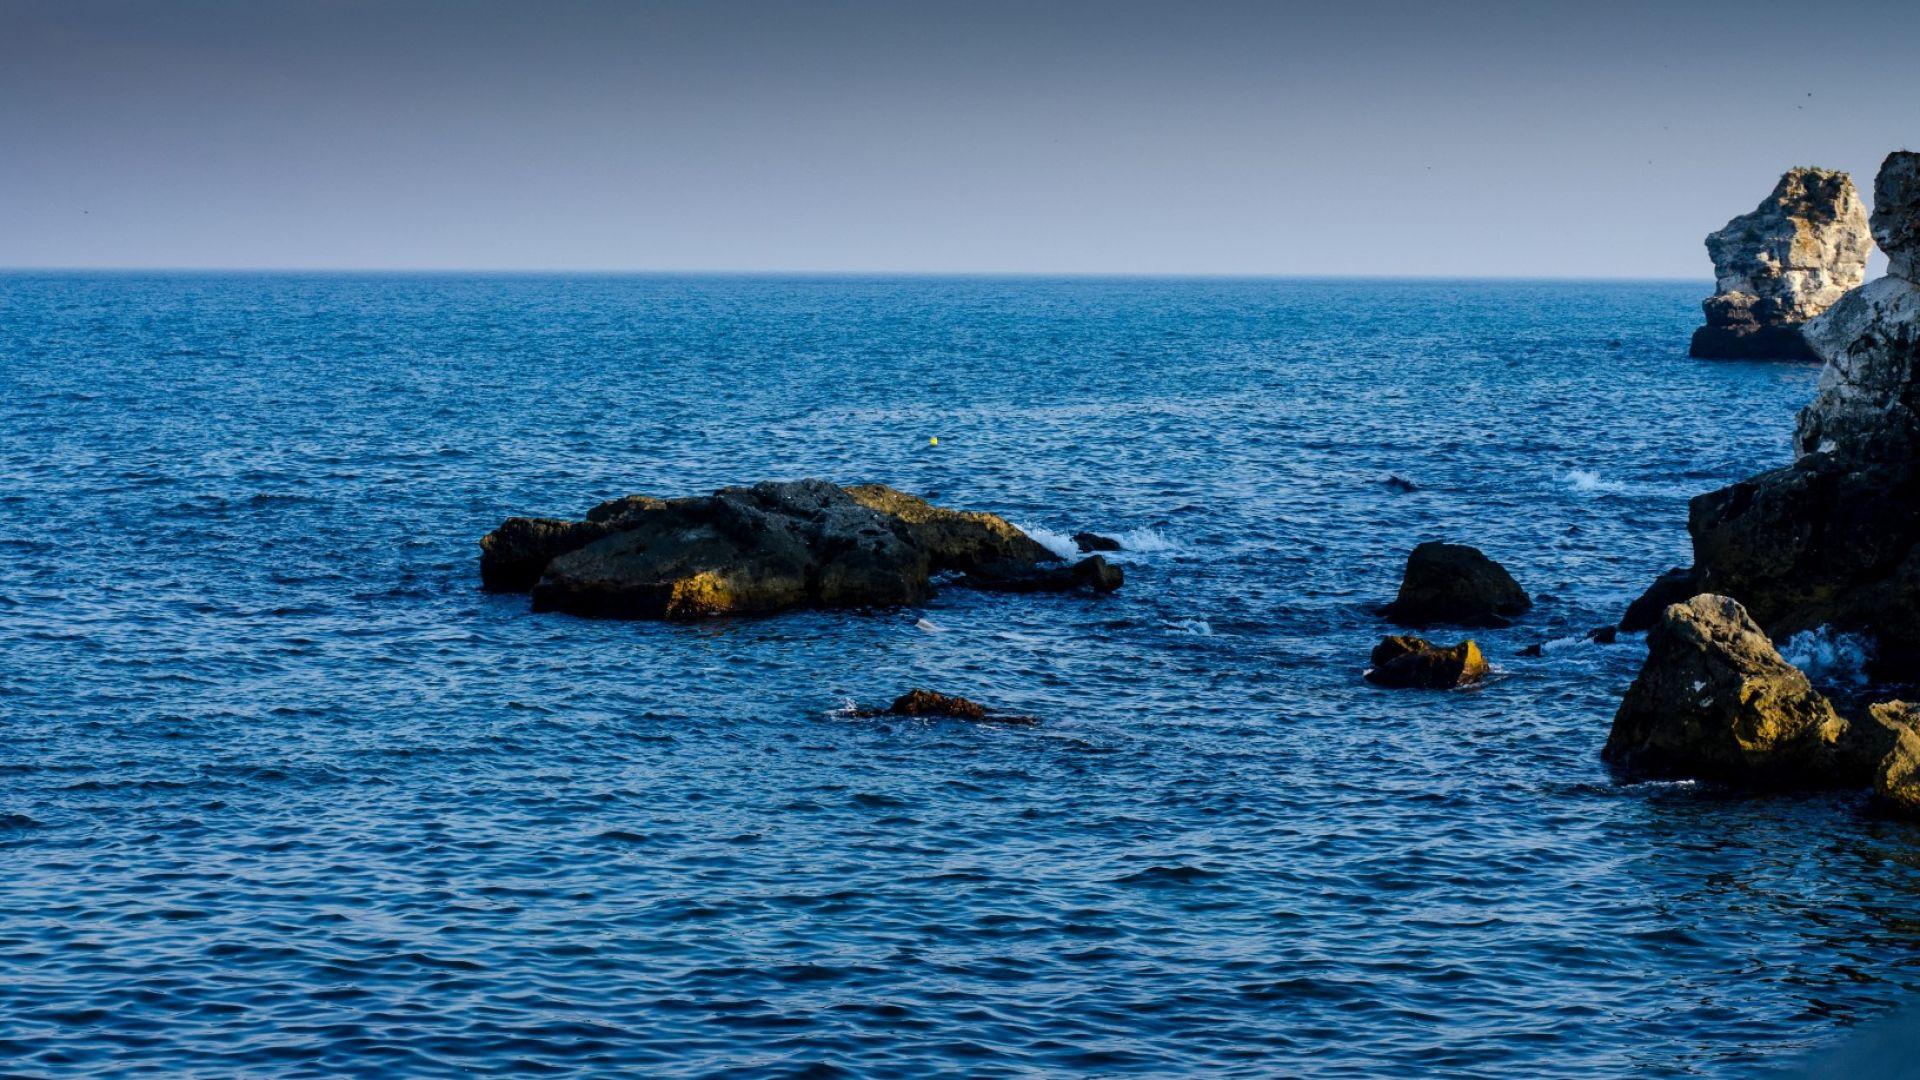 Кораб под панамски флаг потъна в Черно море